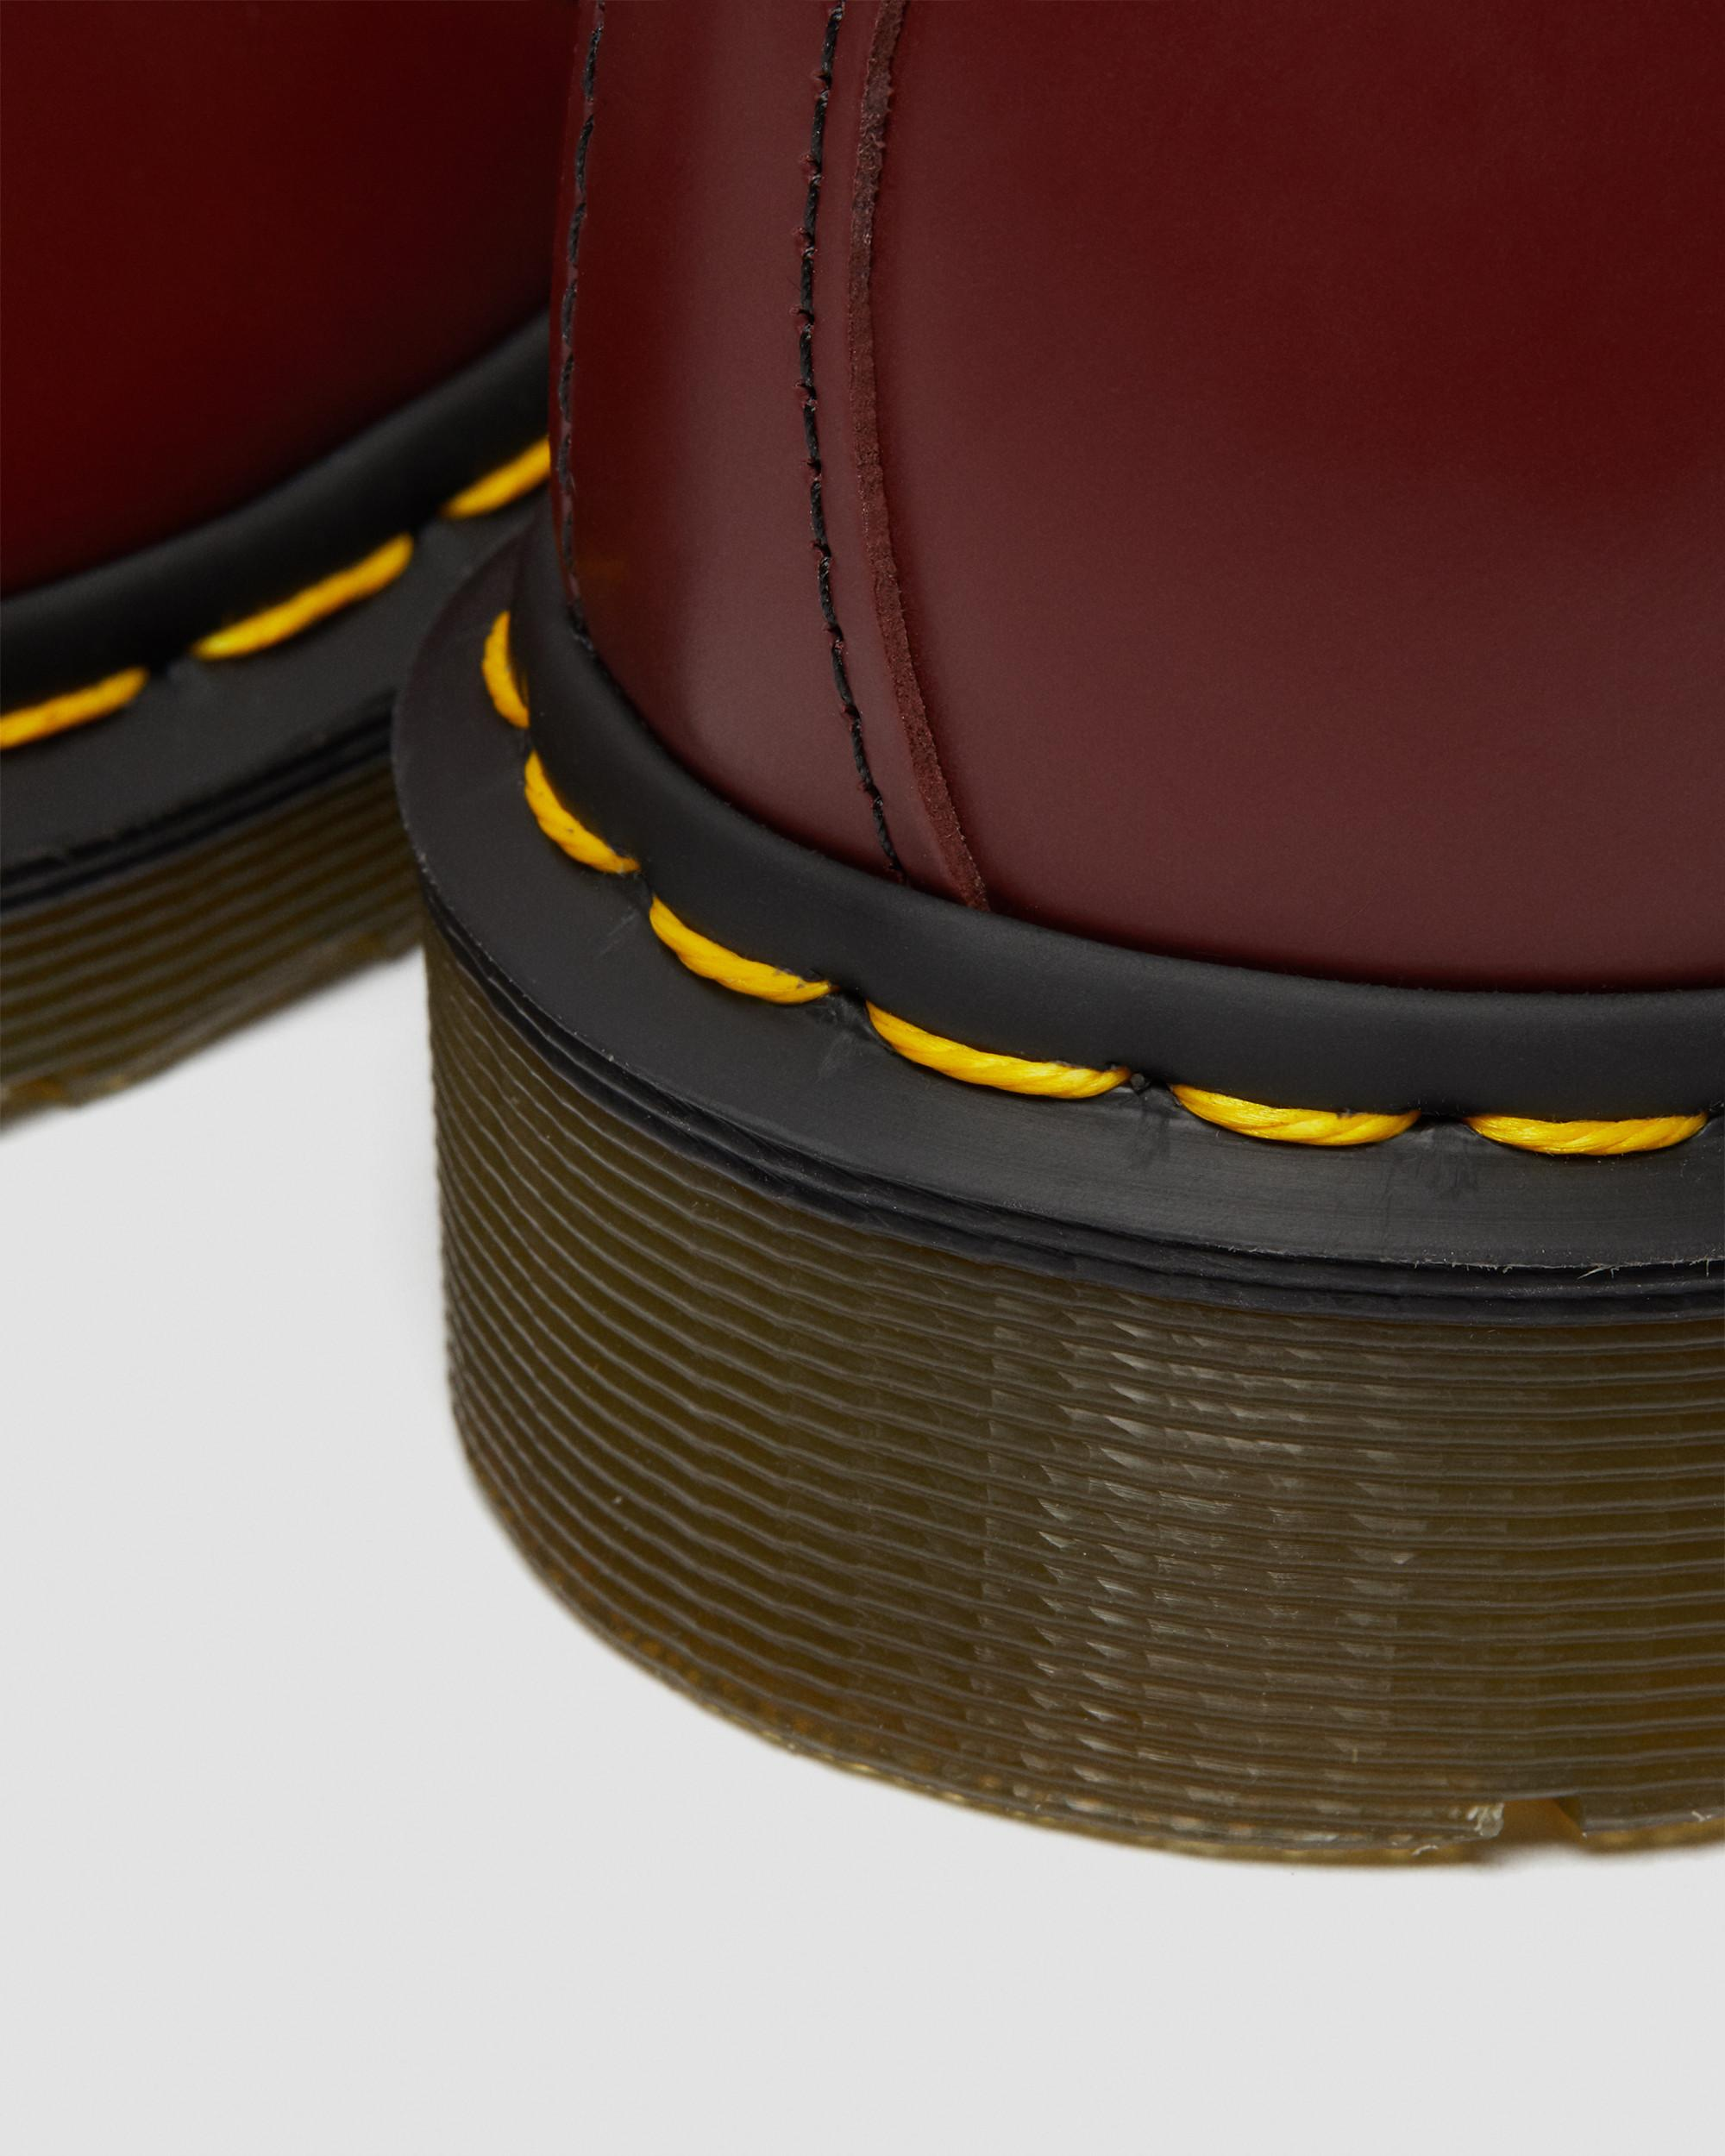 premium selection 96287 e058d pewter doc martens scarpe